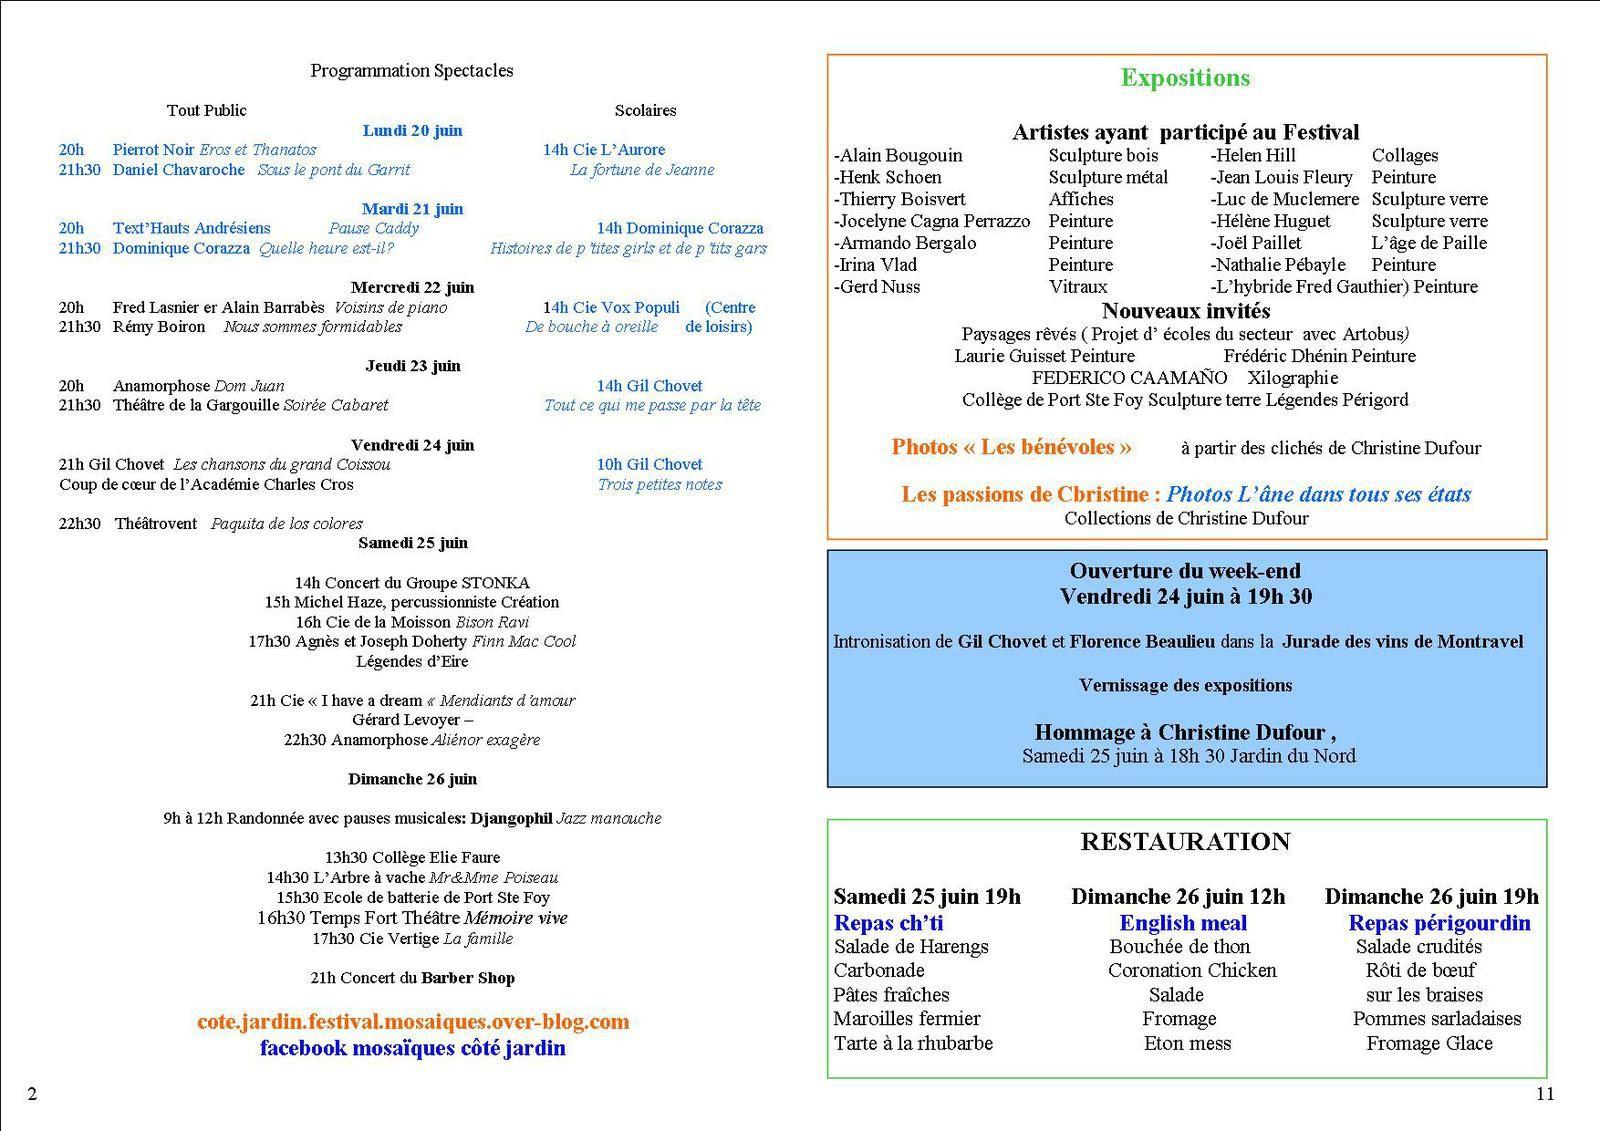 En détail ! LA PROGRAMMATION DU FESTIVAL Côté Jardin Juin 2016 Samedi 25 Juin 22h30